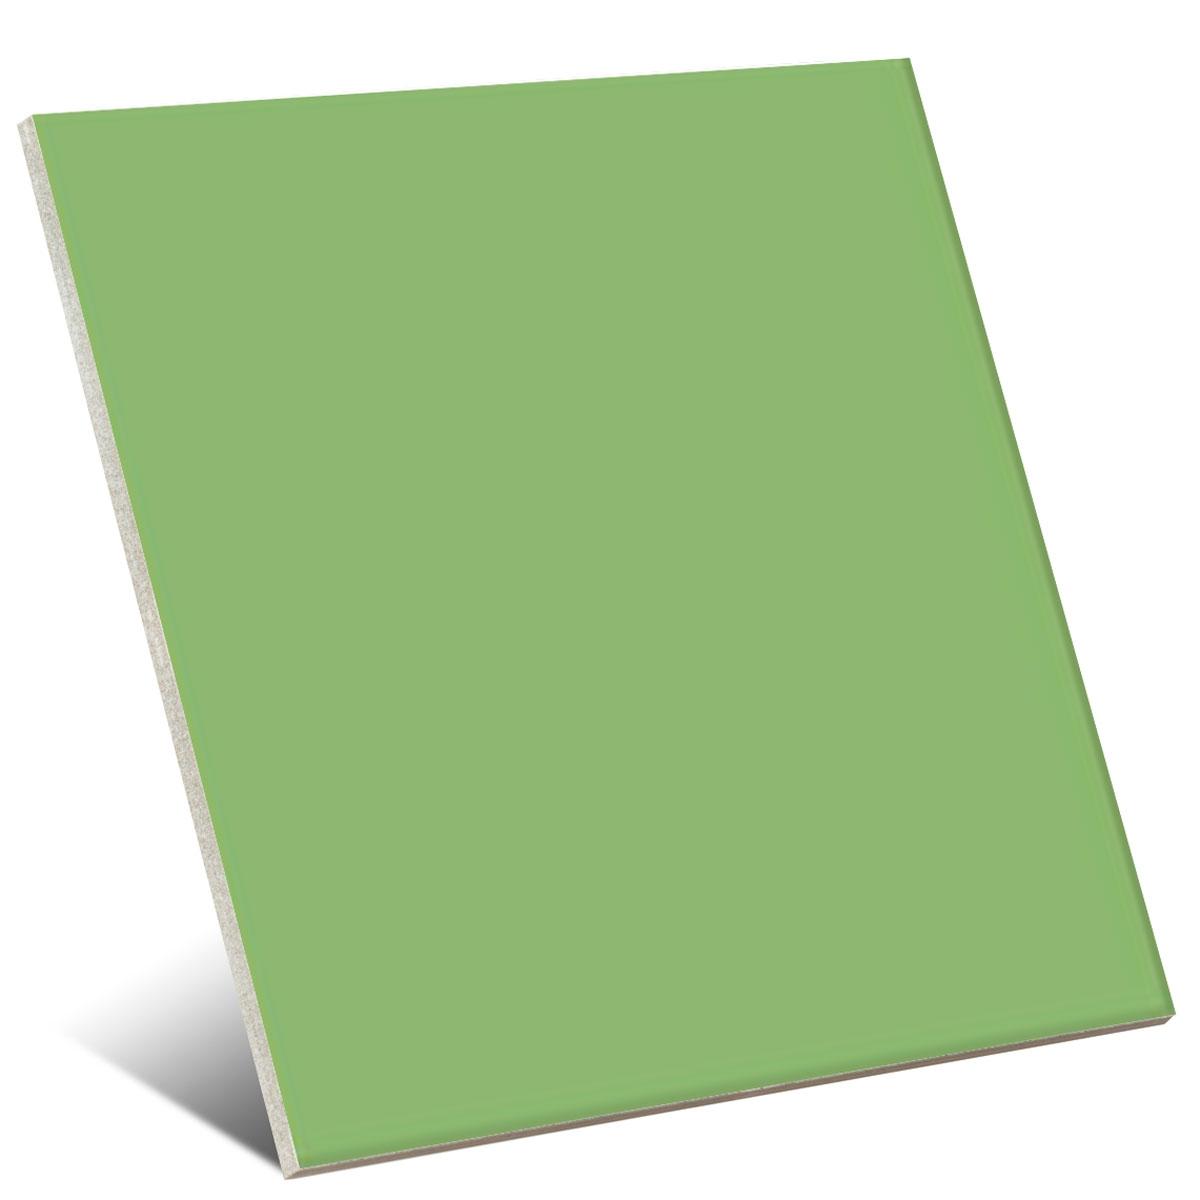 Color Pistacho Brillo 20x20 cm (caja 1 m2)